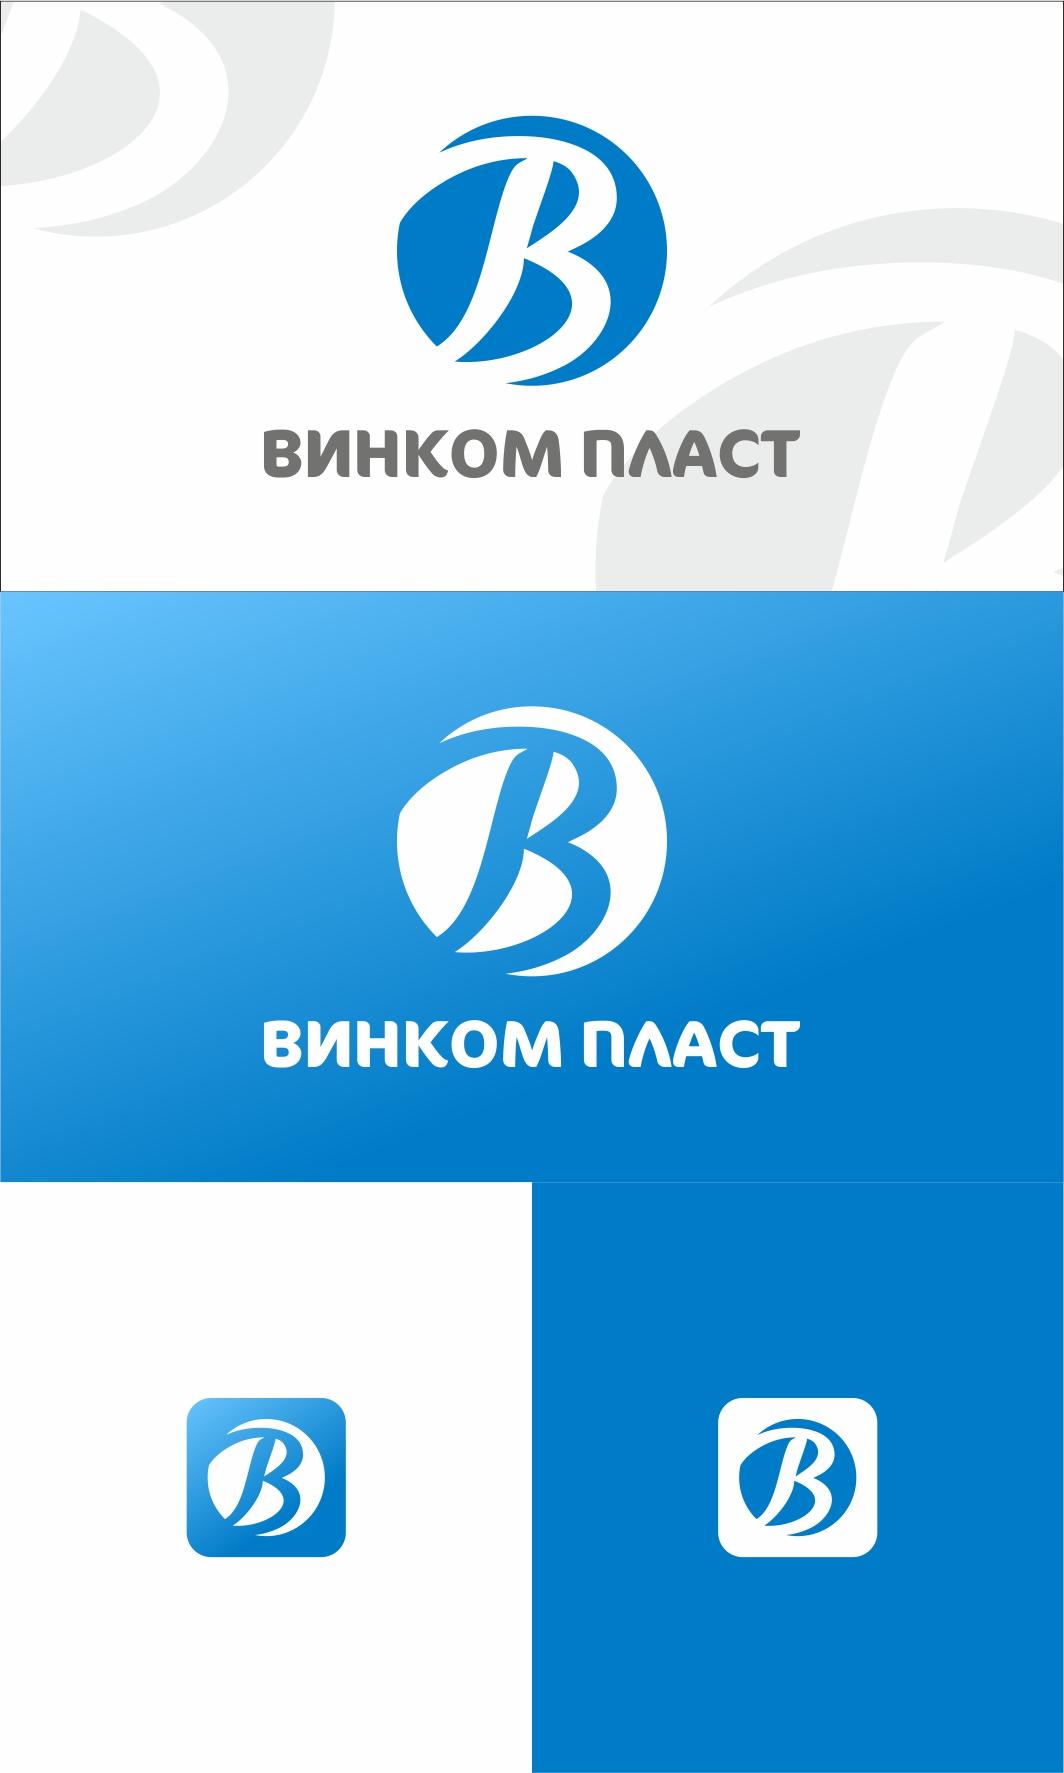 Логотип, фавикон и визитка для компании Винком Пласт  фото f_1415c3c67004dc8b.jpg